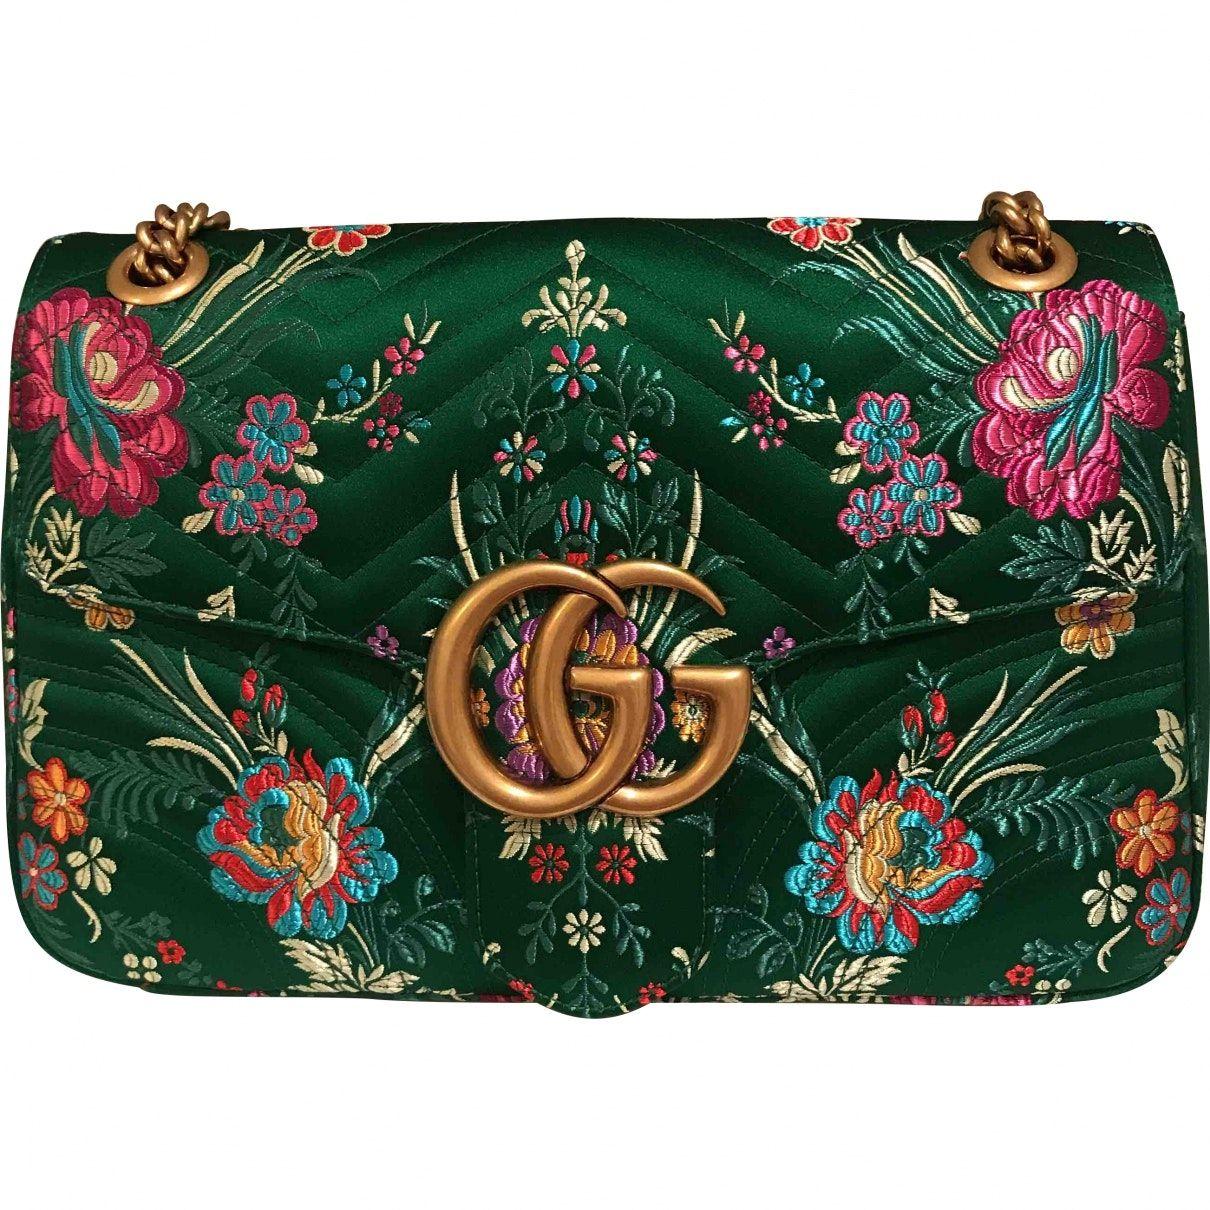 d2e96f0f0d7 GUCCI Marmont silk handbag